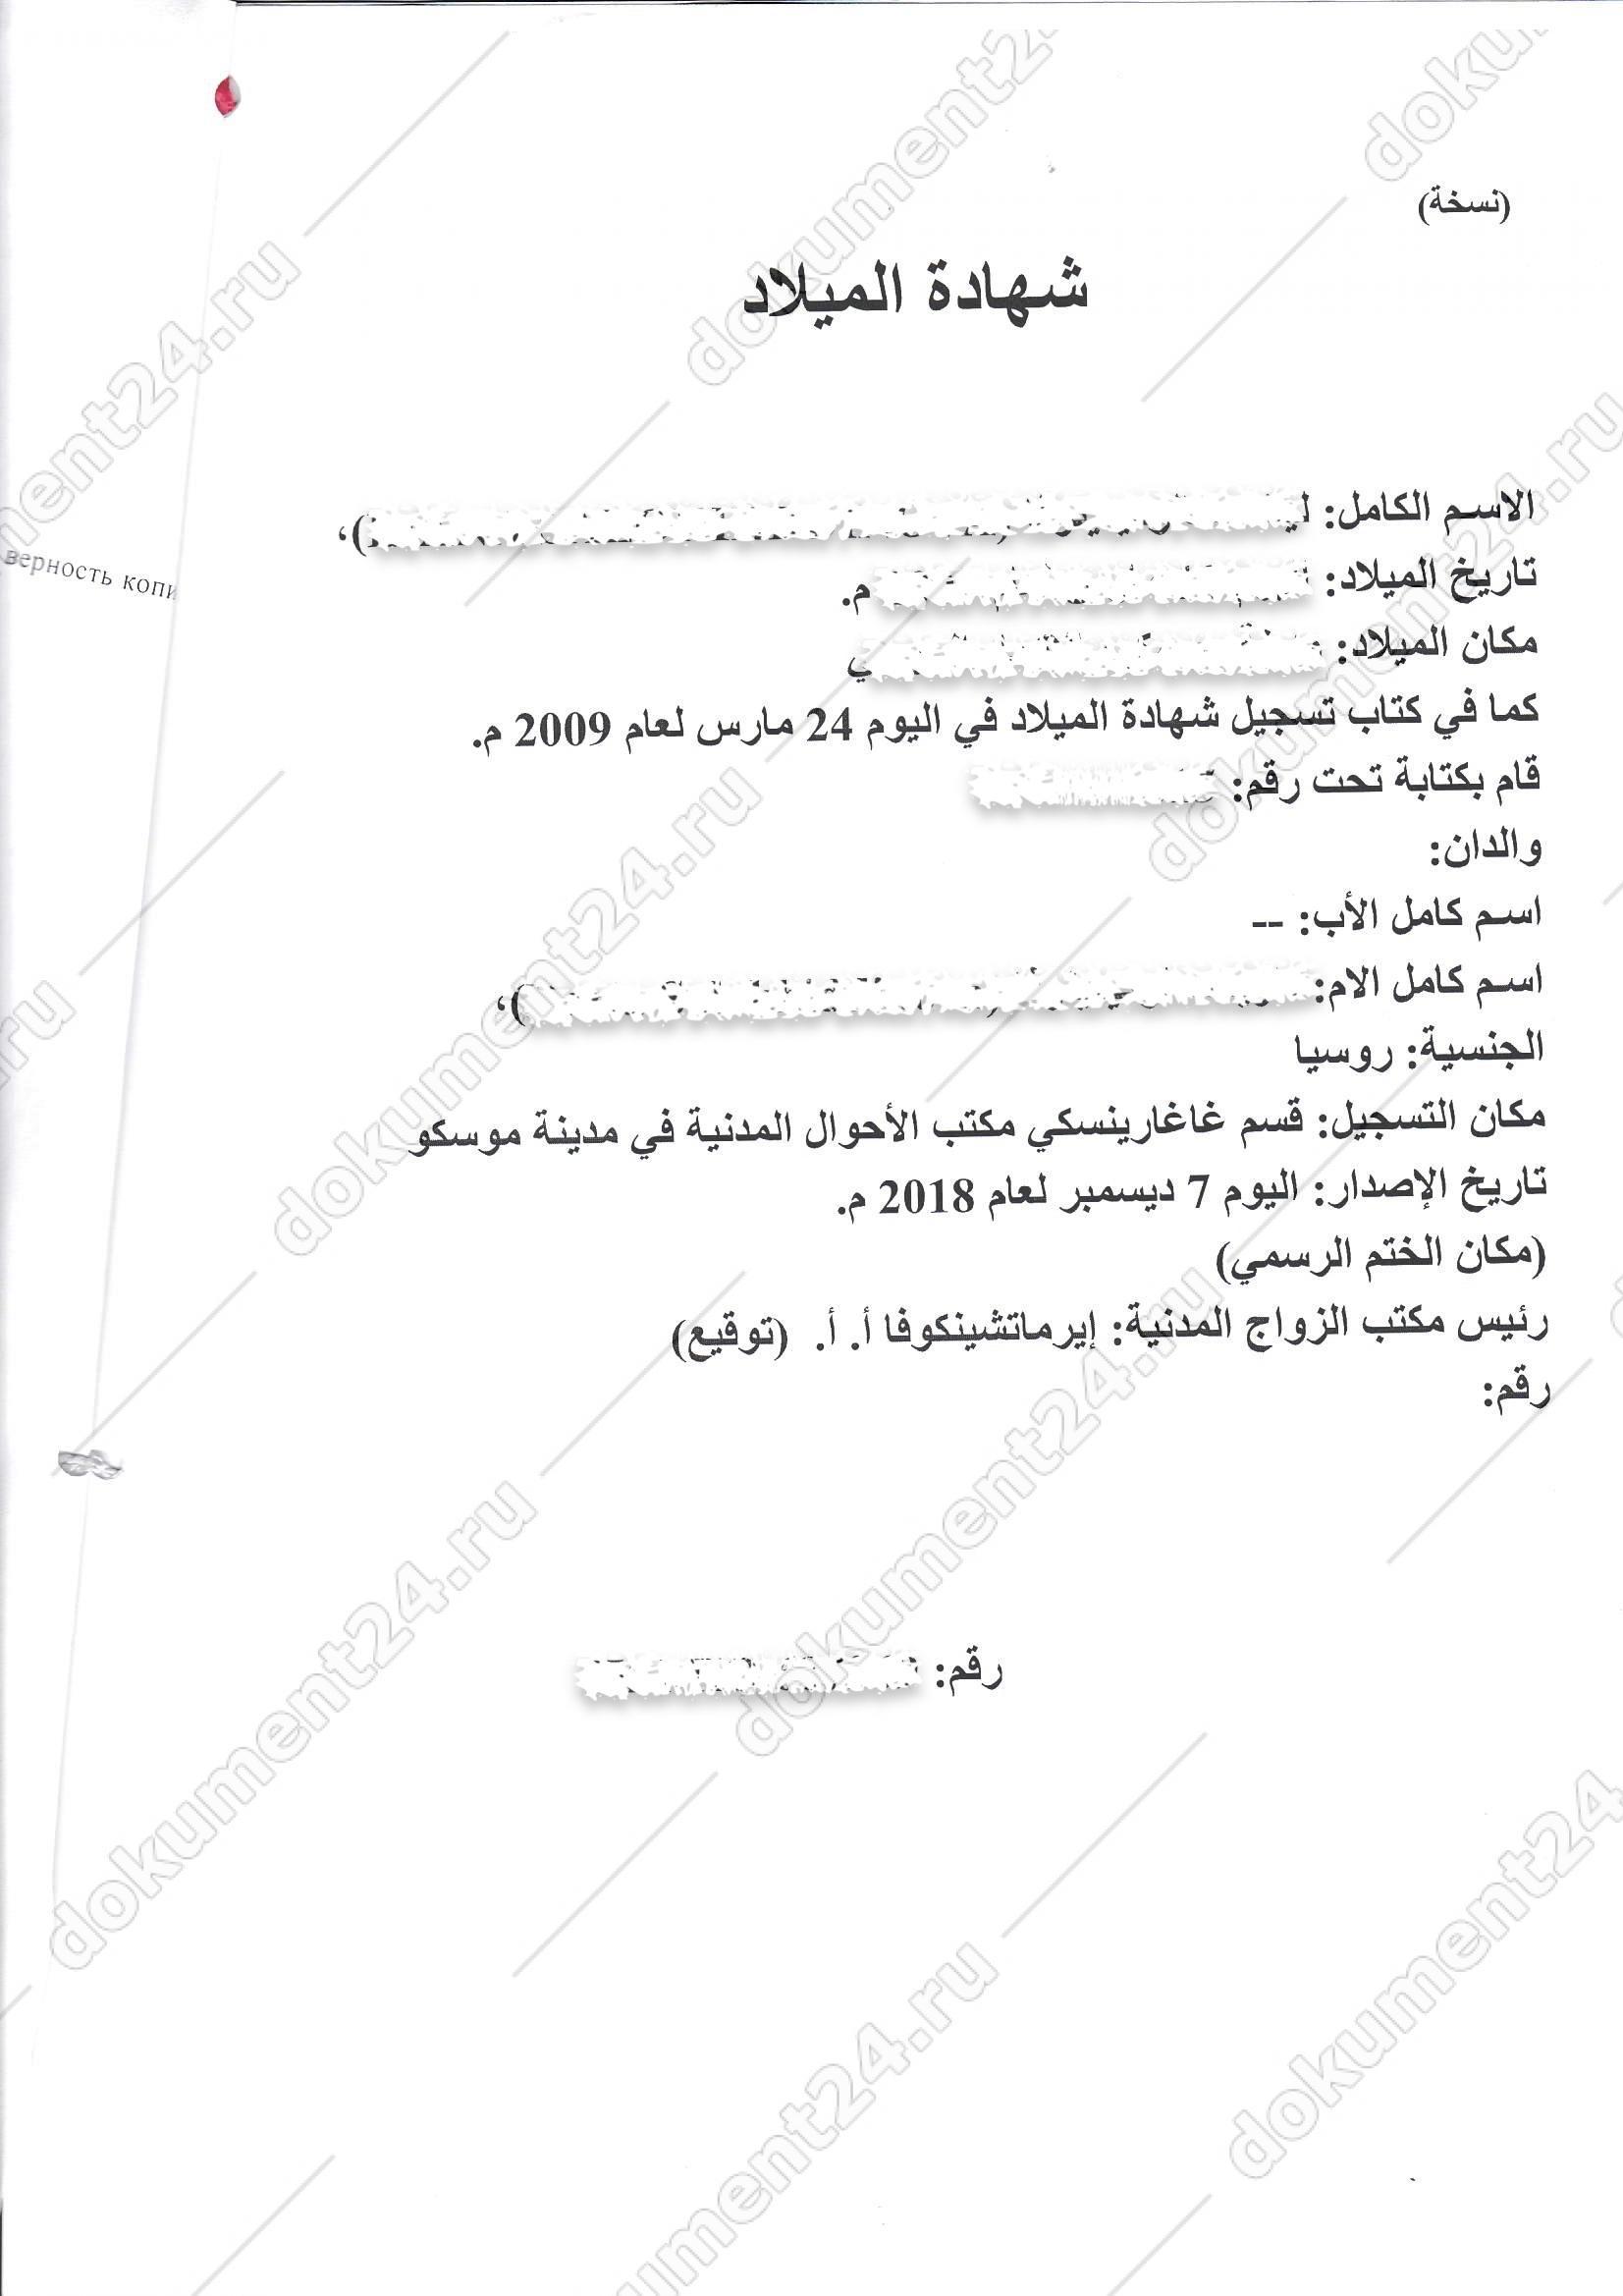 perevod svidetelstva rozhdenii arabskii